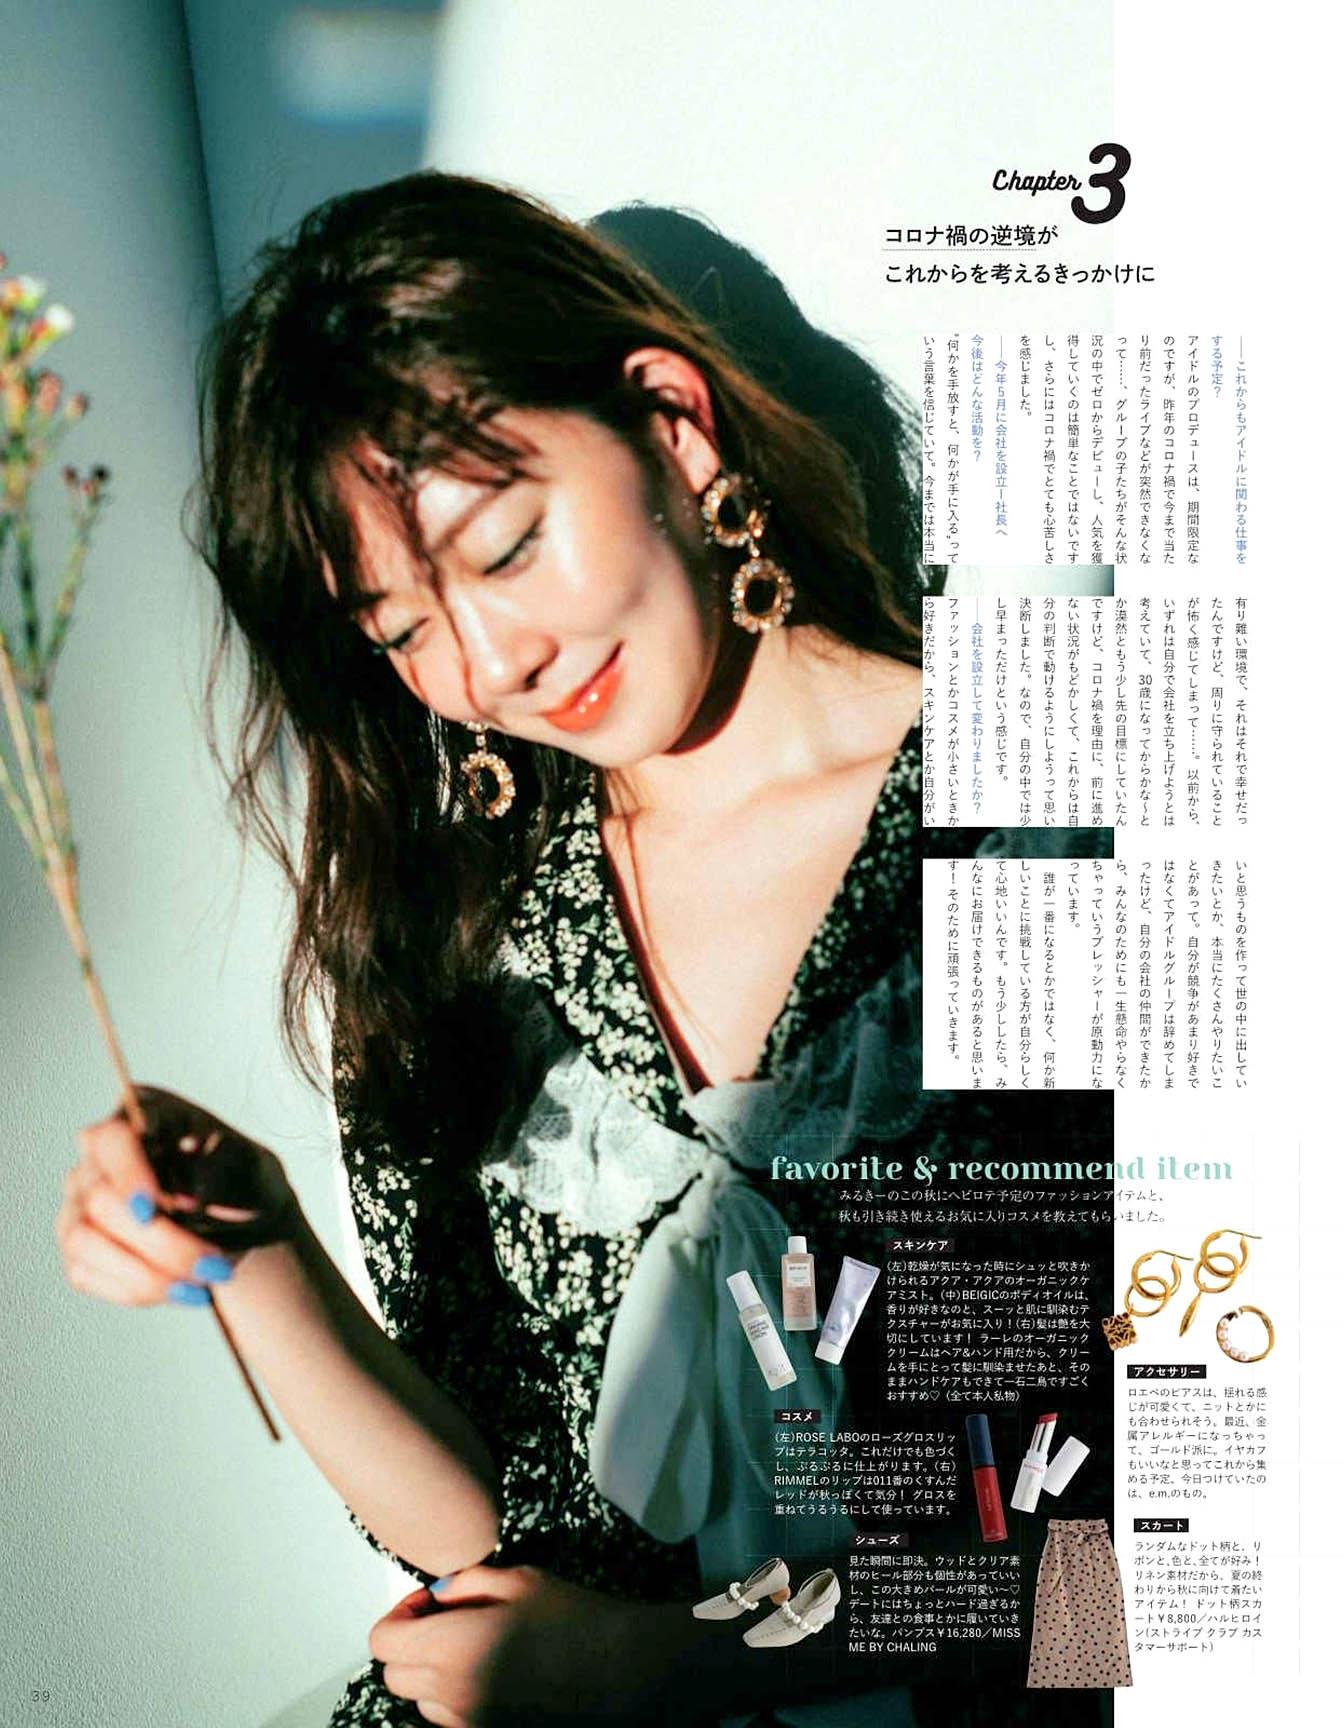 MiWatanabe Peche 2108 04.jpg